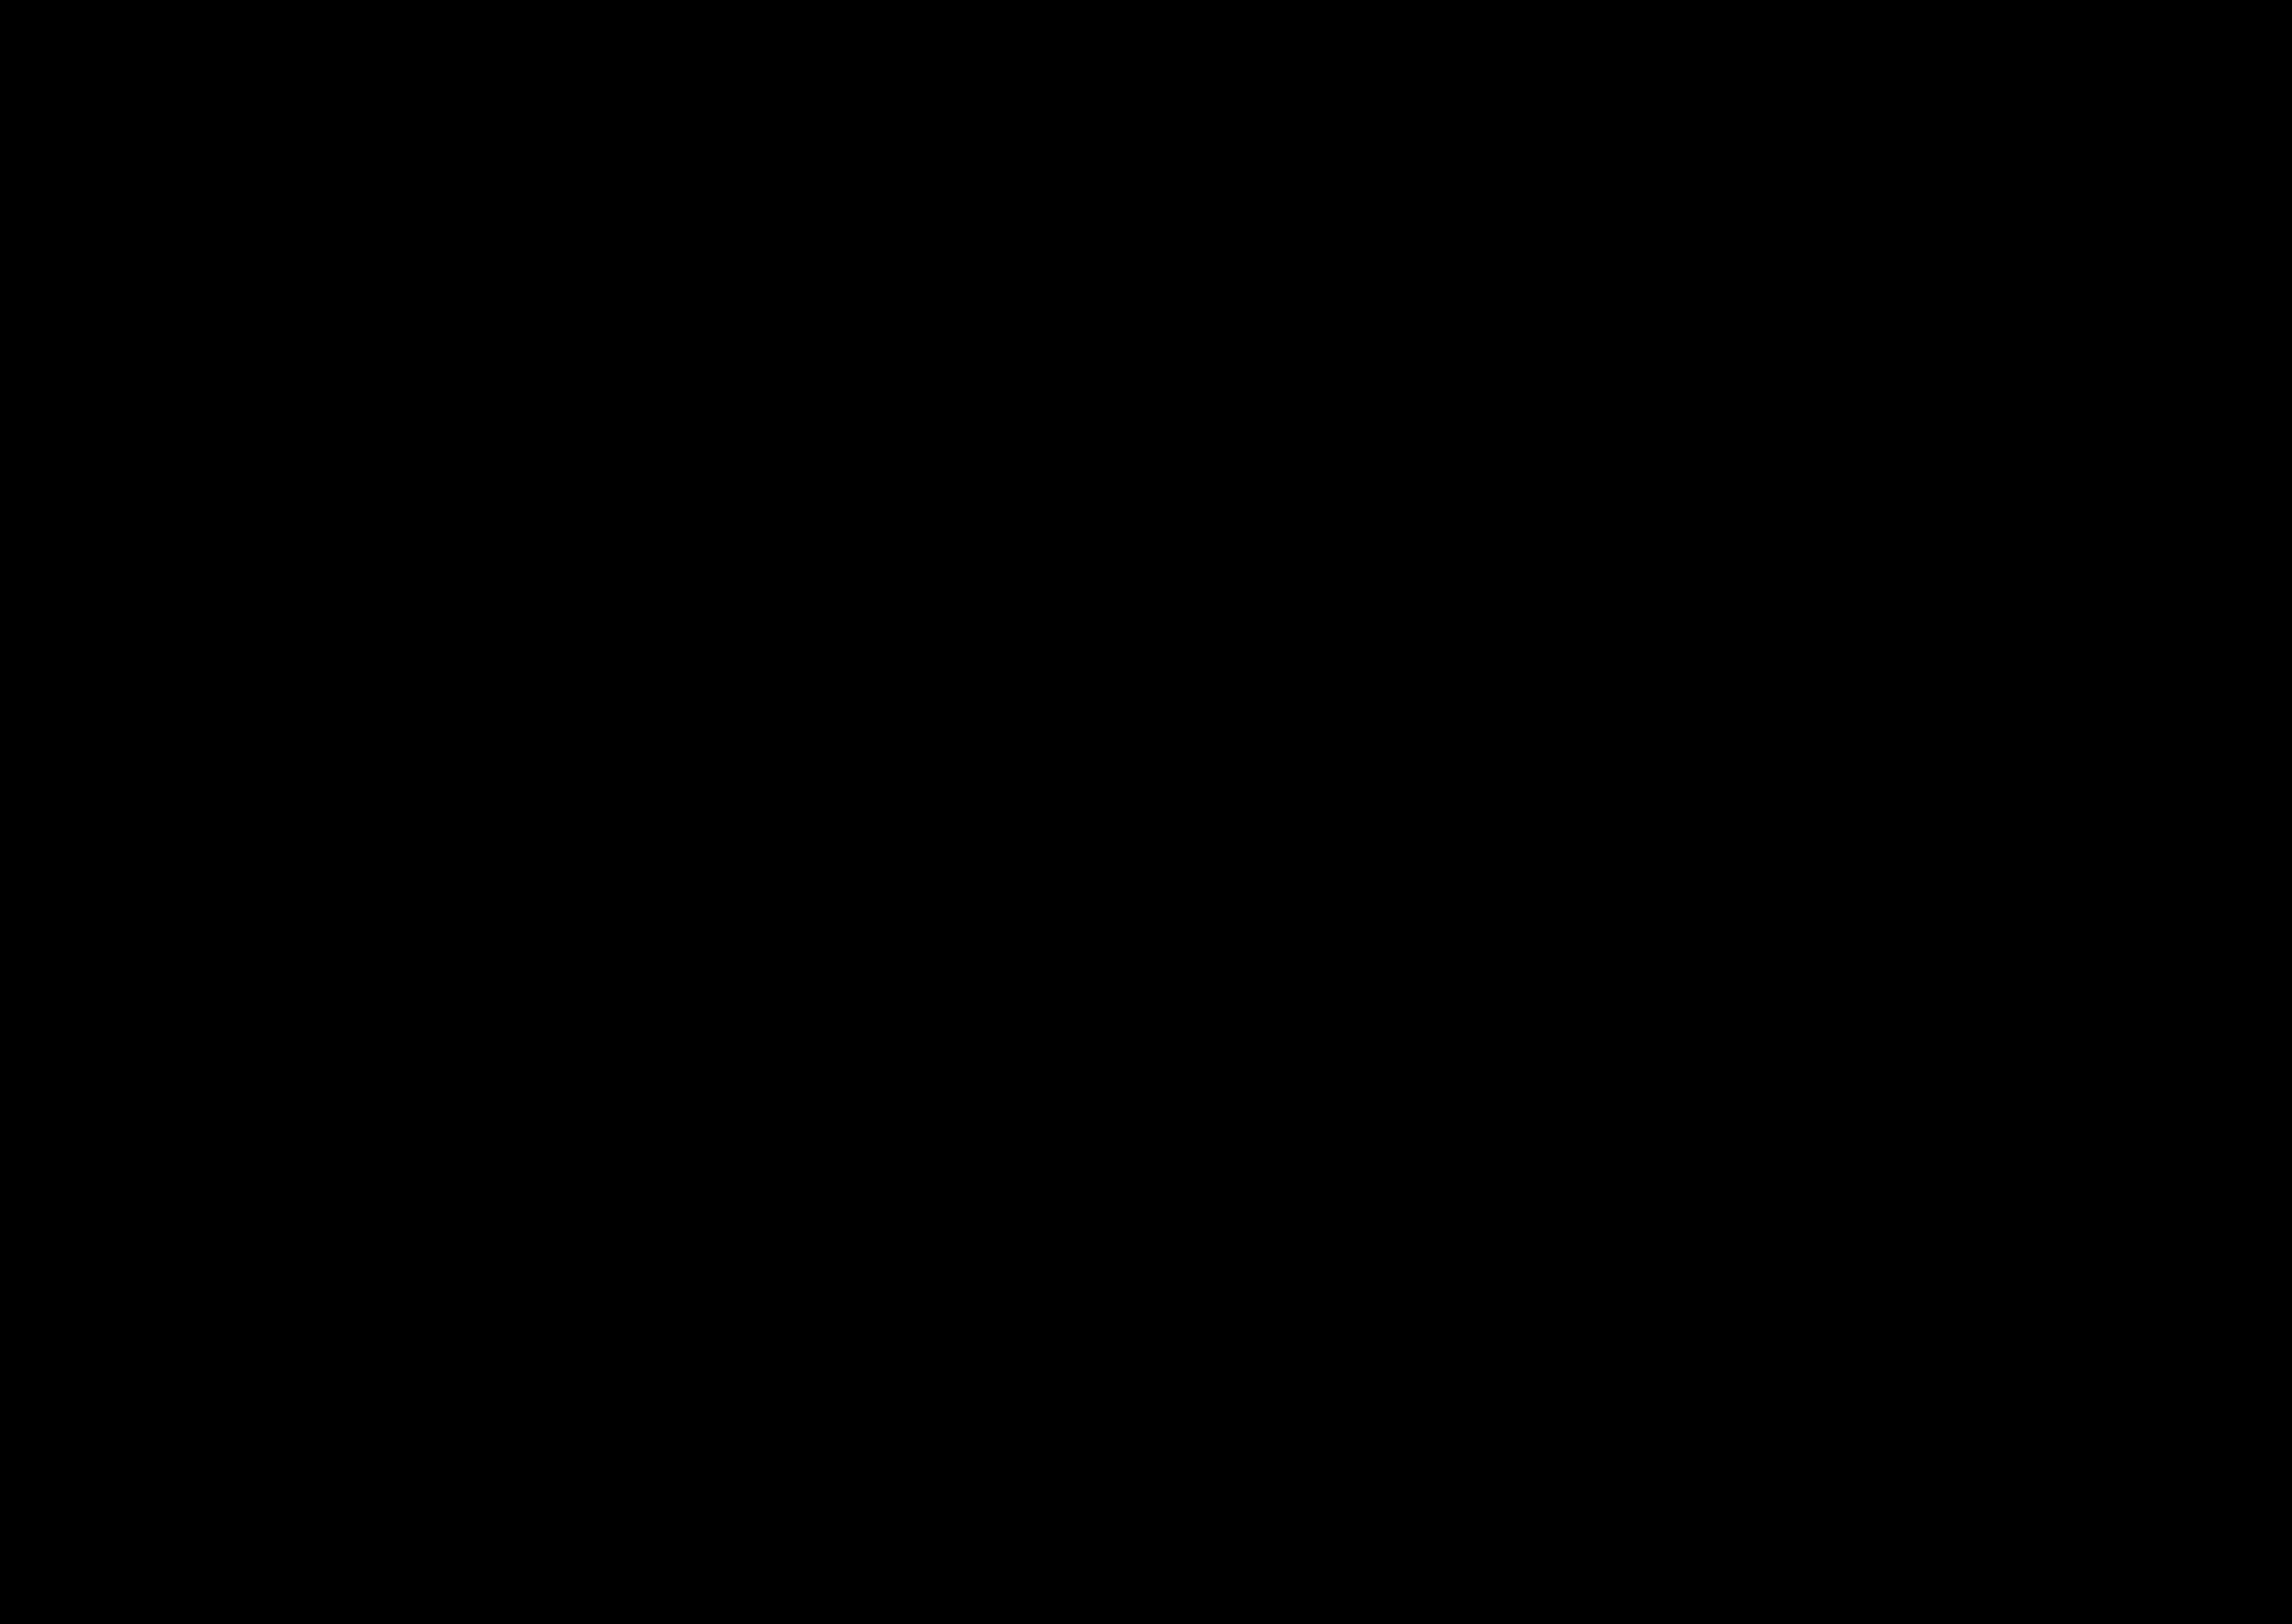 Amenajare Studio WELLA - Bucuresti  - Poza 1